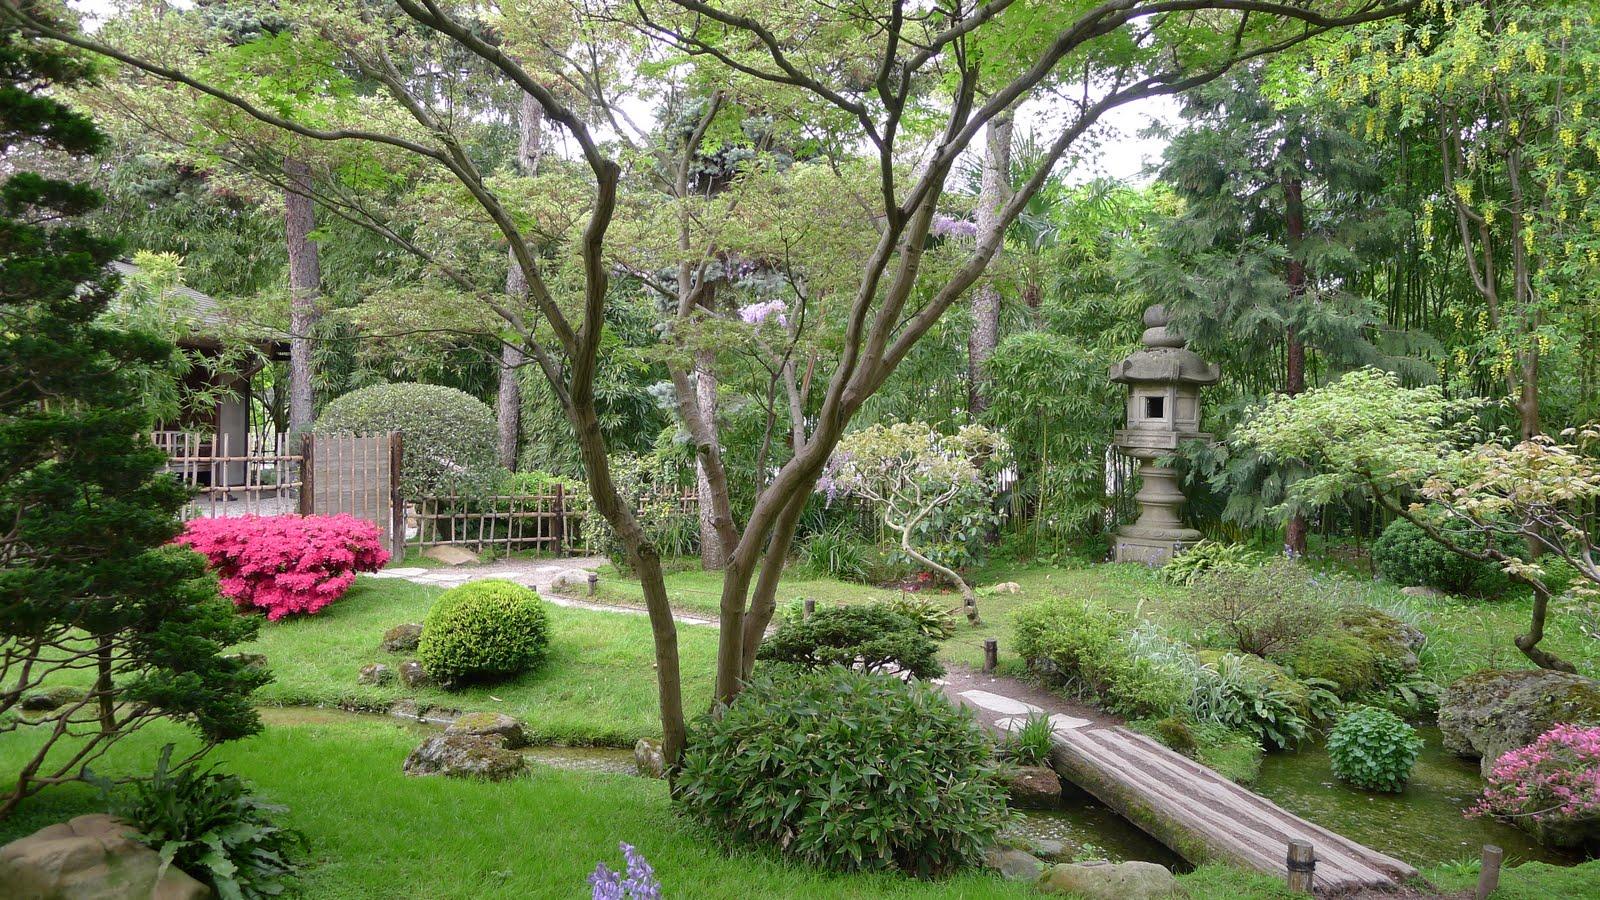 Albert-Kahn Gardens: An Oasis of Serenity